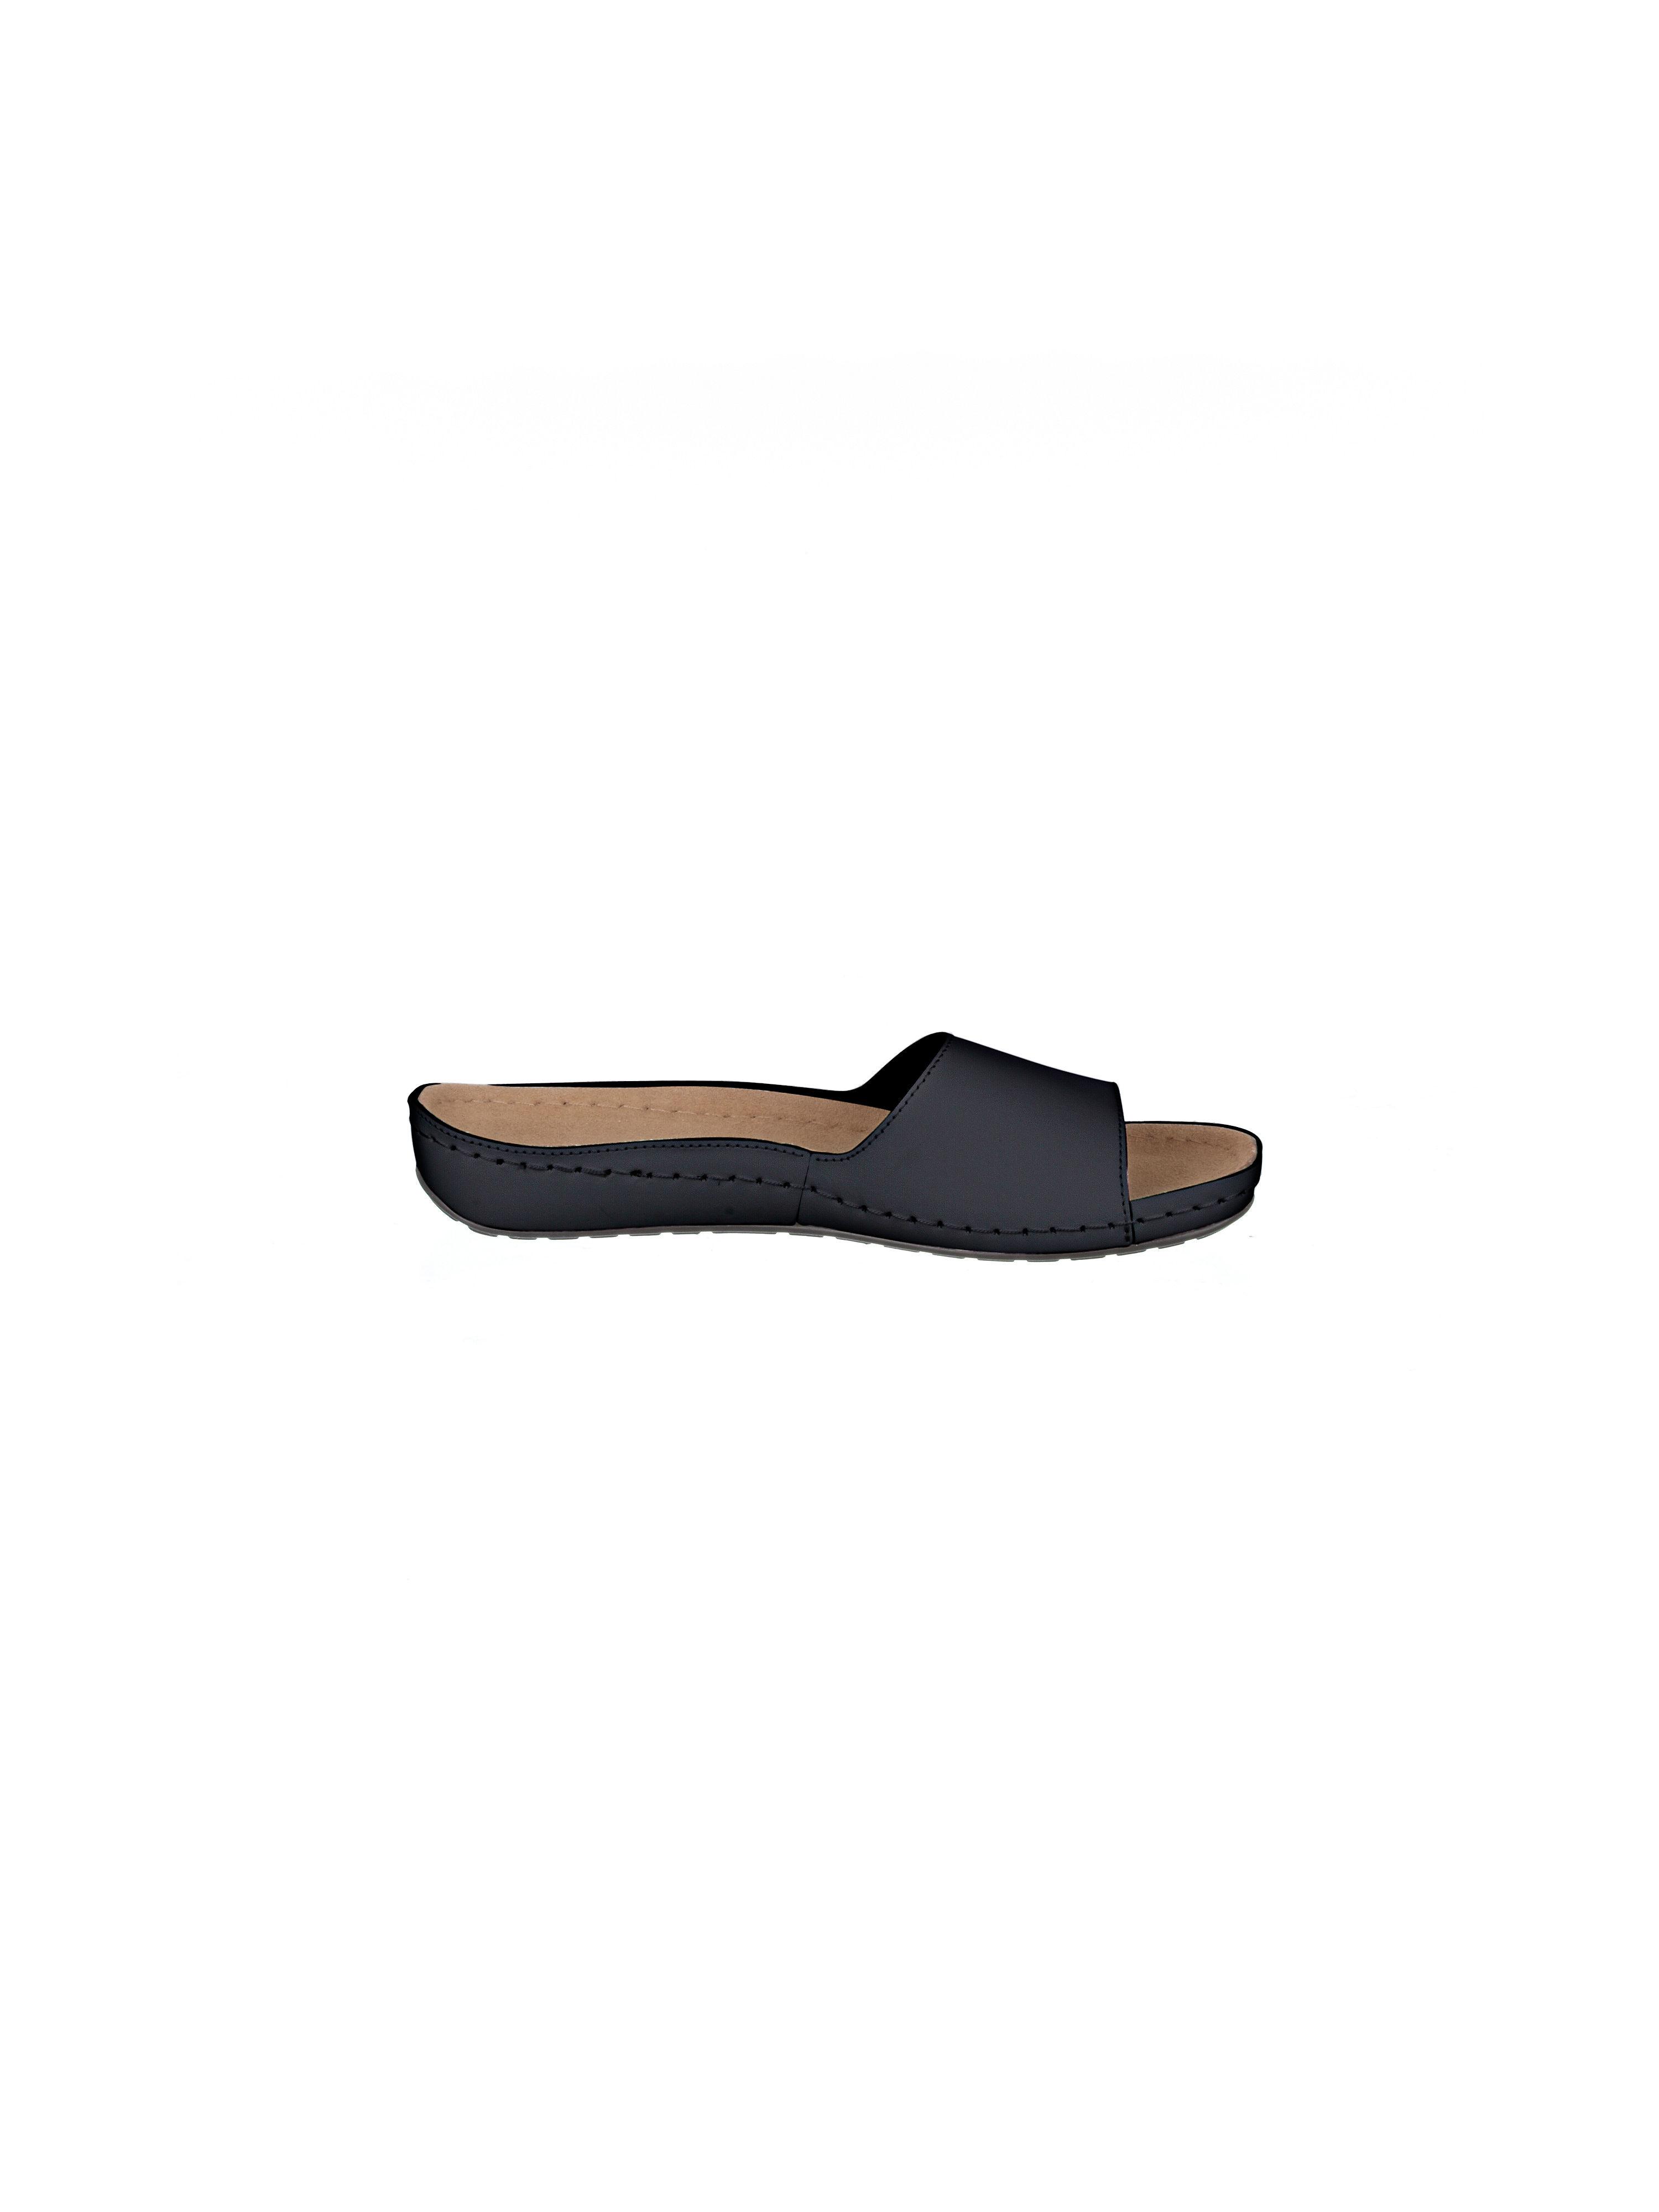 Peter Hahn - Pantolette aus 100% Leder - Schwarz Gute Qualität beliebte Schuhe